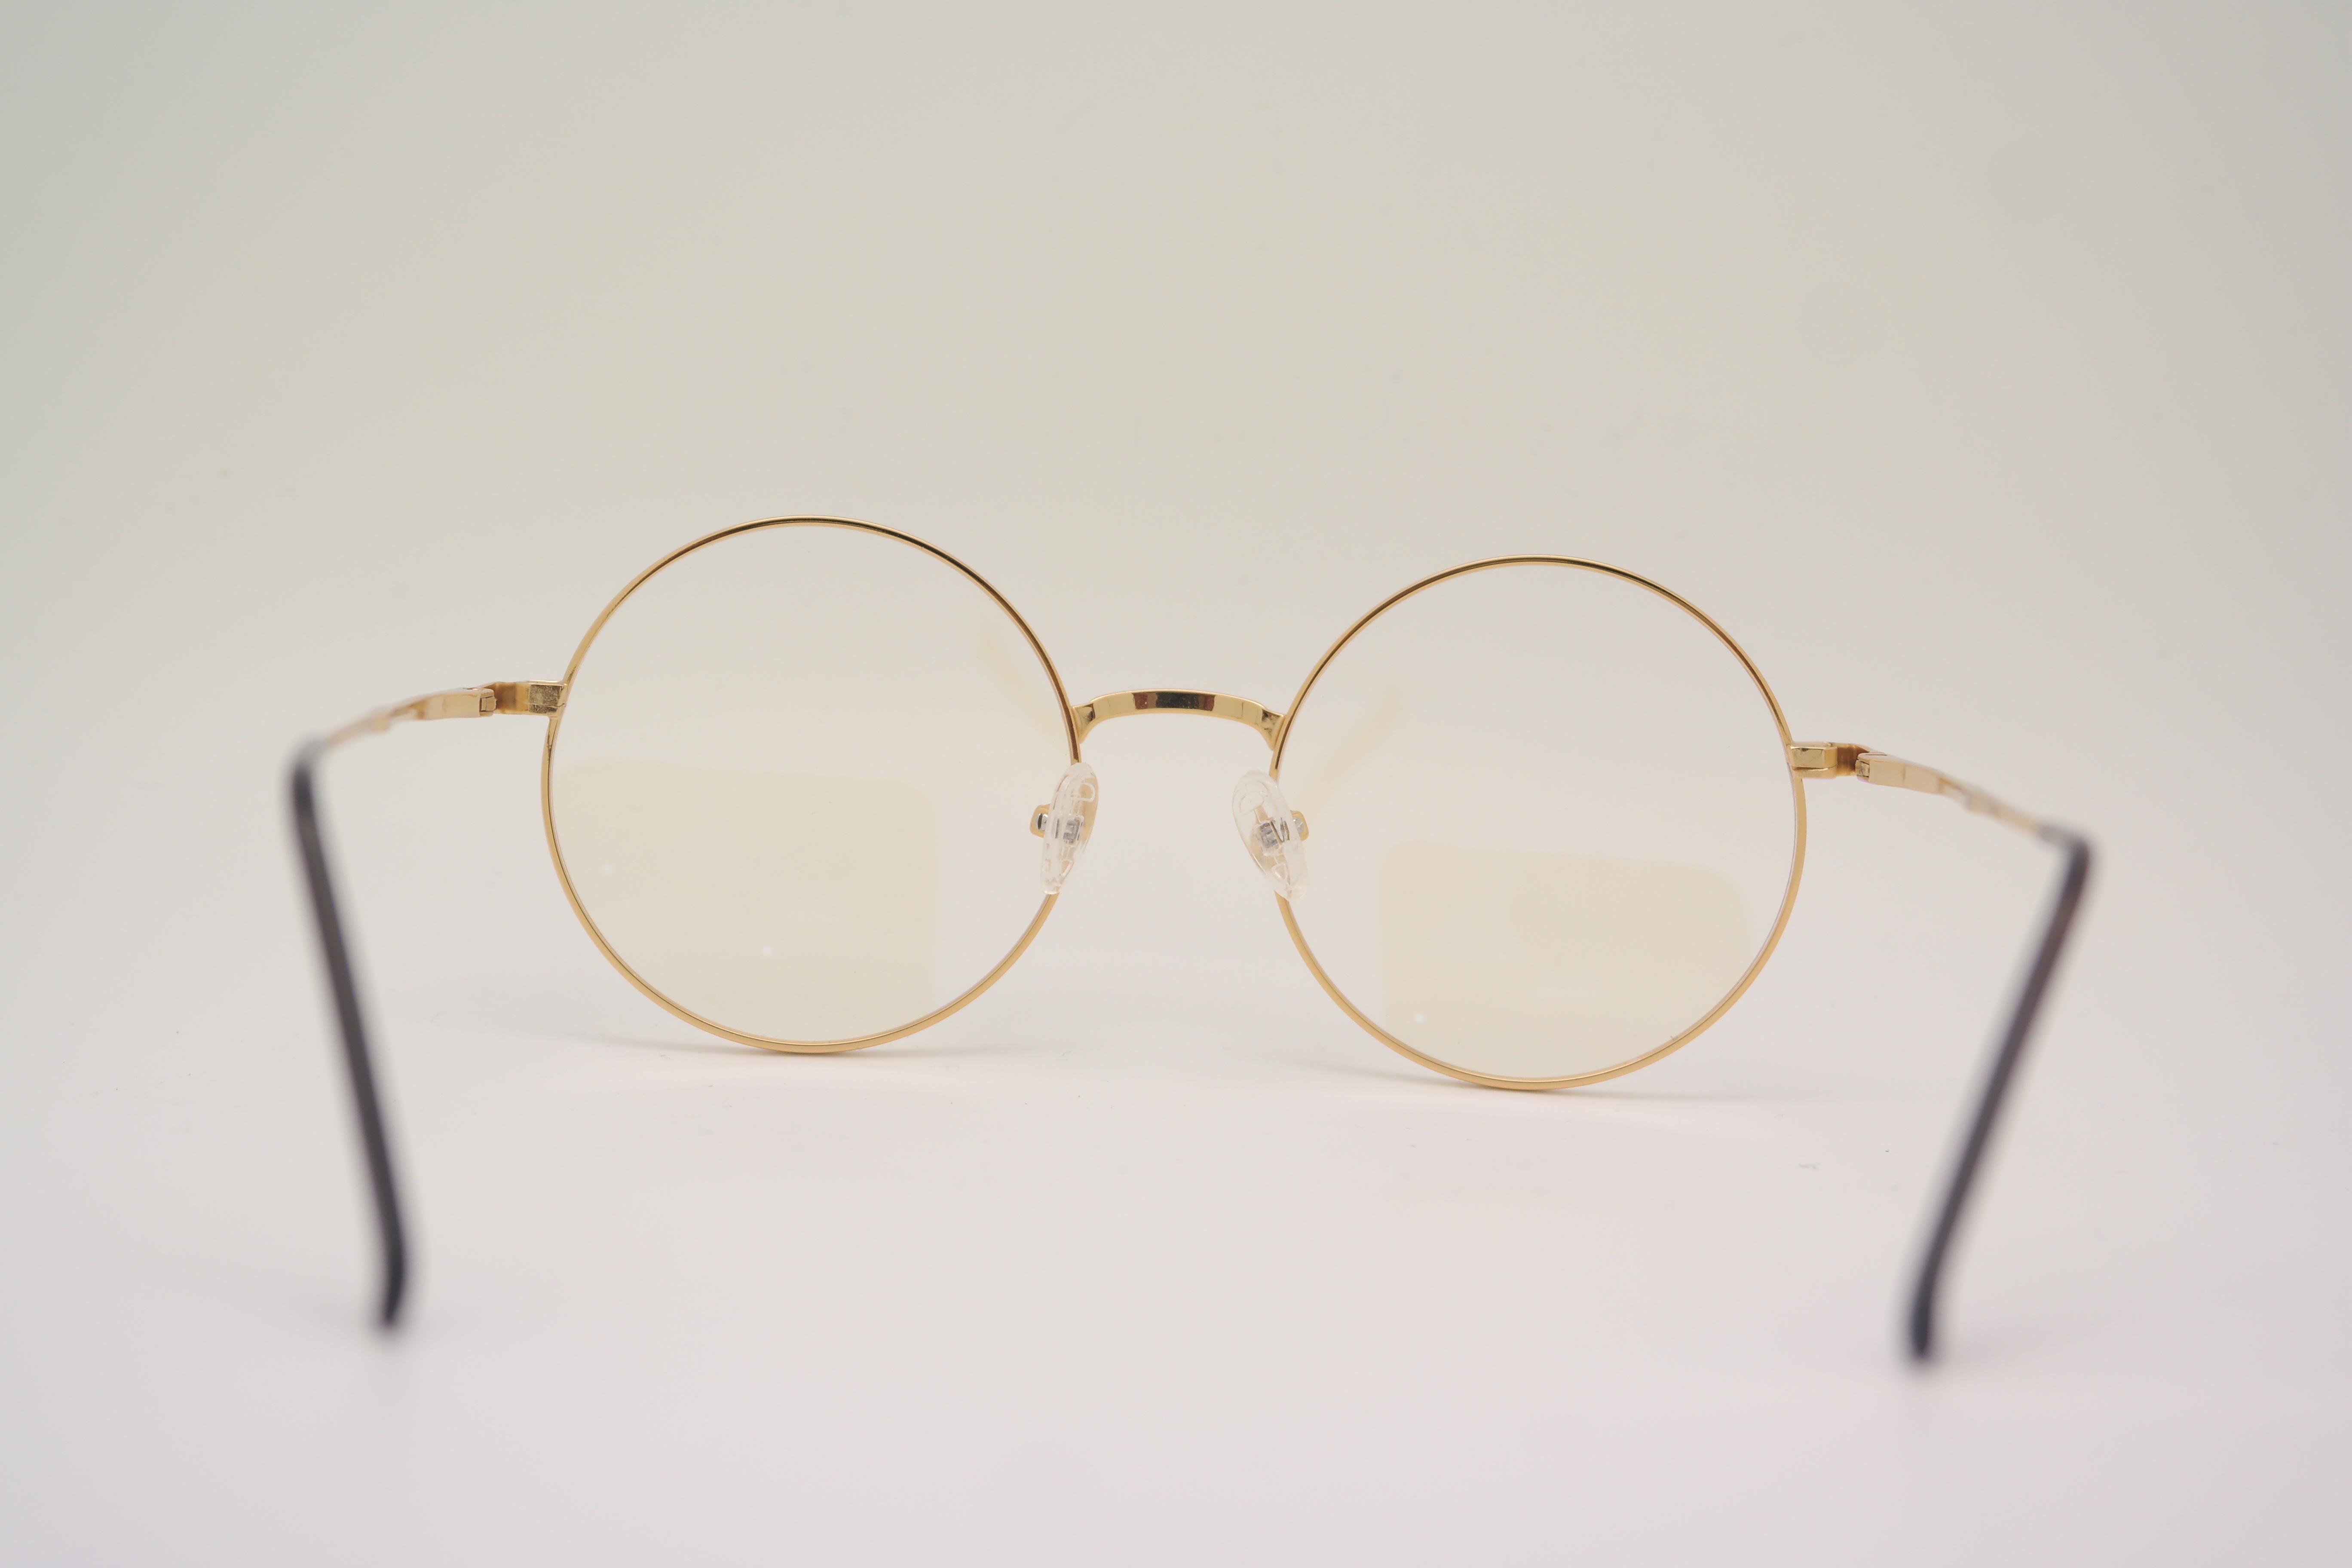 77952e0d29d7 gylden gået i stykker solbriller briller briller briller glas mode tilbehør vision  pleje lykketræf engel terapi